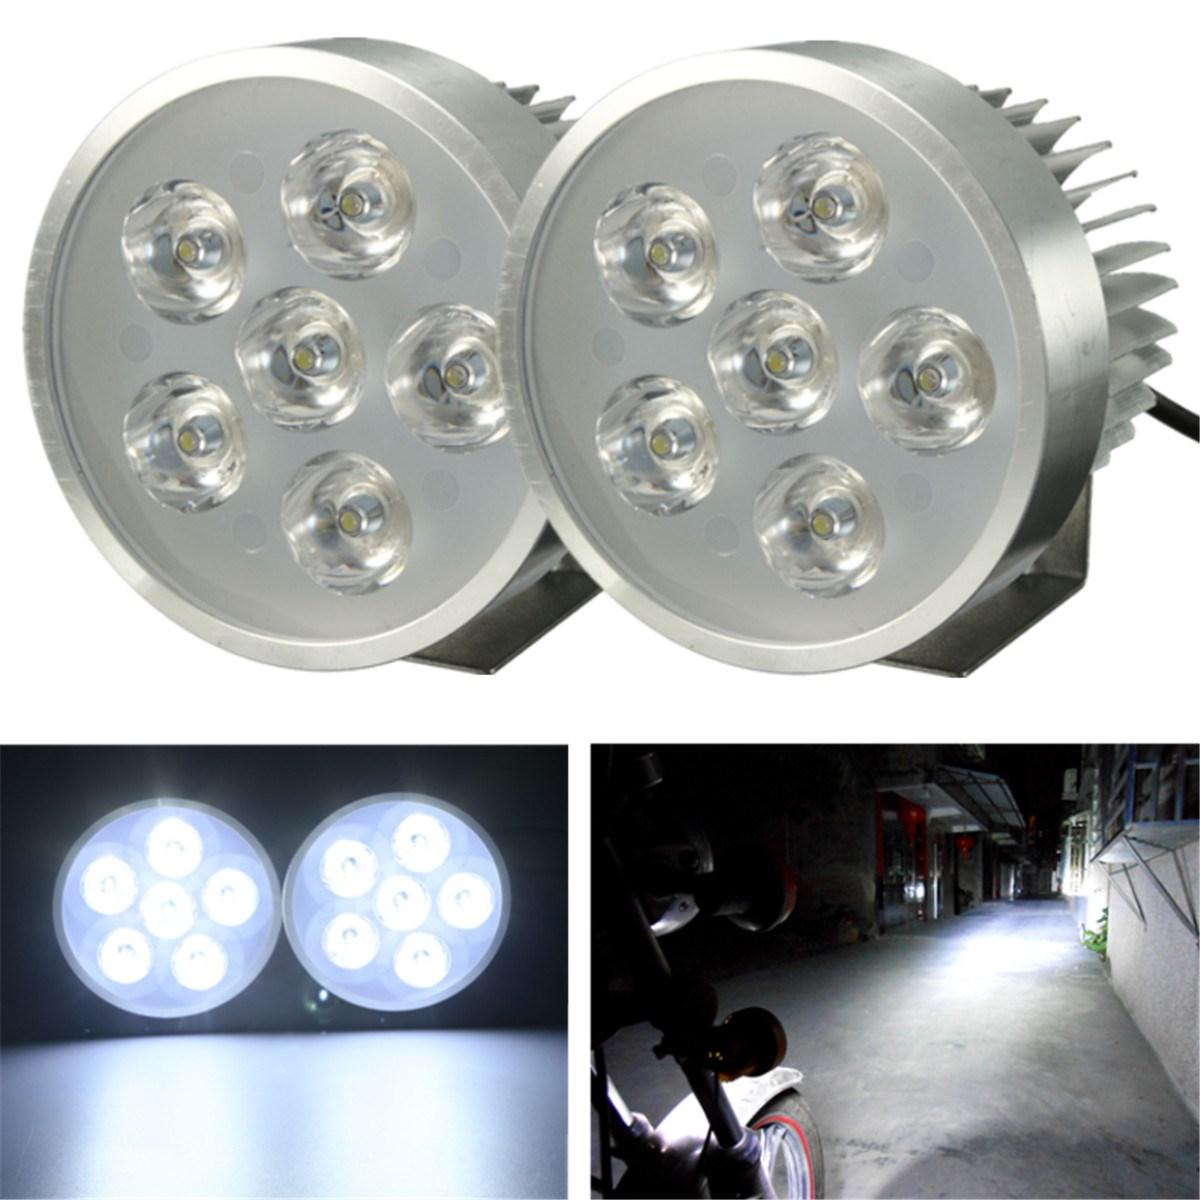 Prix pour 2 pcs Argent Moto Vélo 18 W 6 LED Phare Brouillard Spot Conduite Lumière Lampe 12-80 V Pour Honda/Suzuki